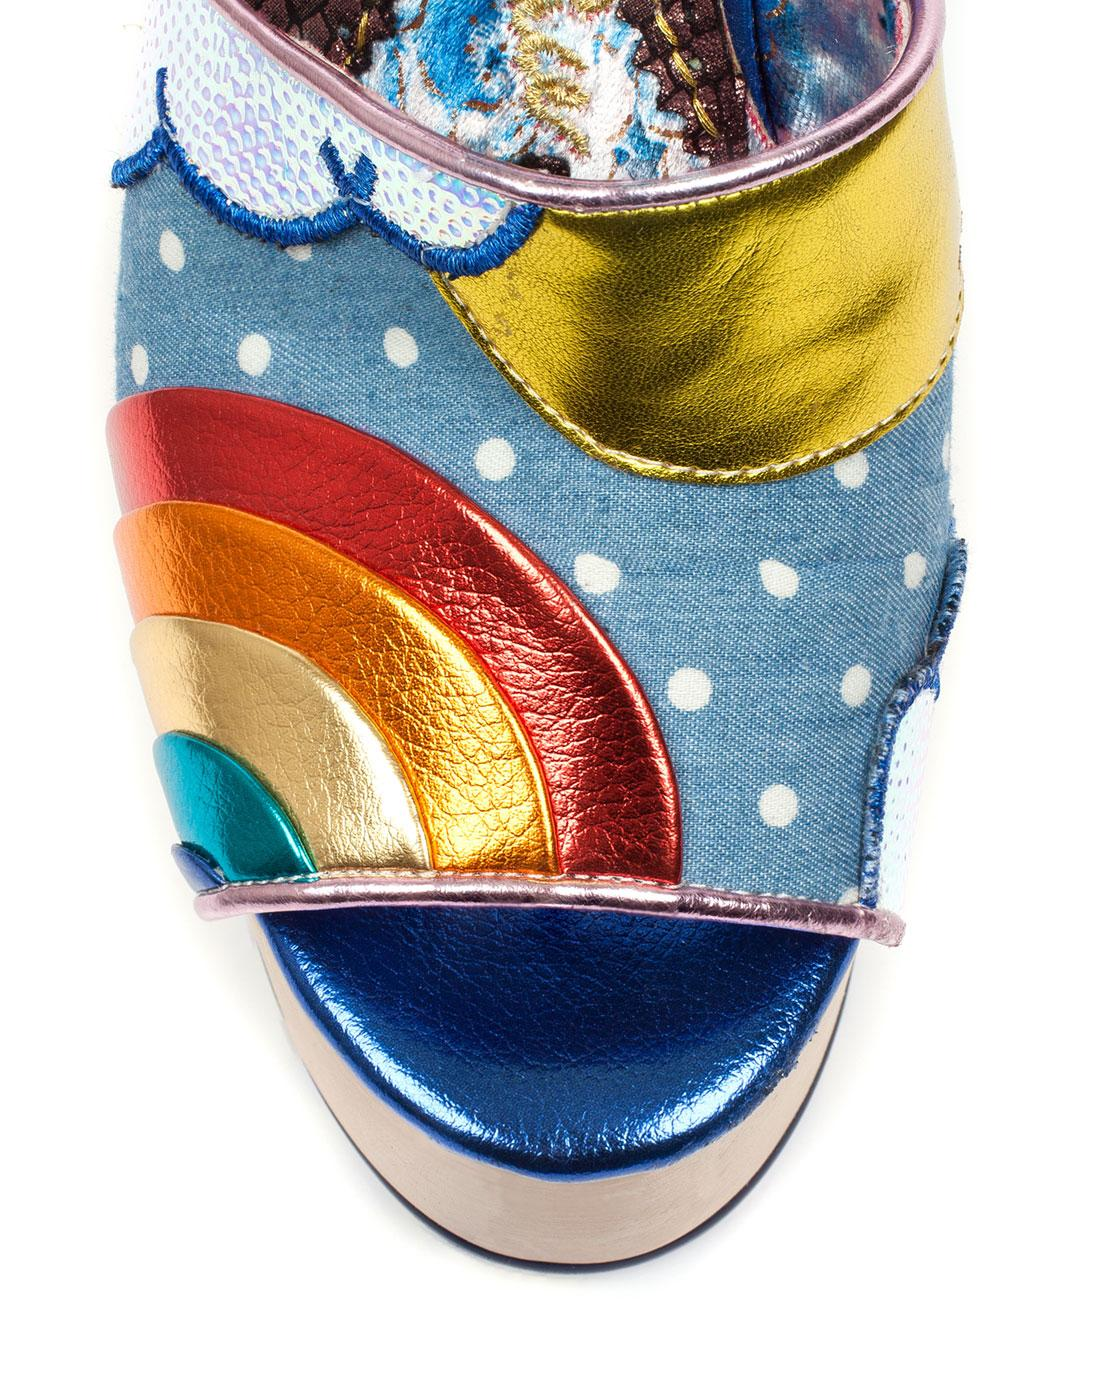 b7136e9077f66 IRREGULAR CHOICE Funshine Retro 70s Platform Shoes